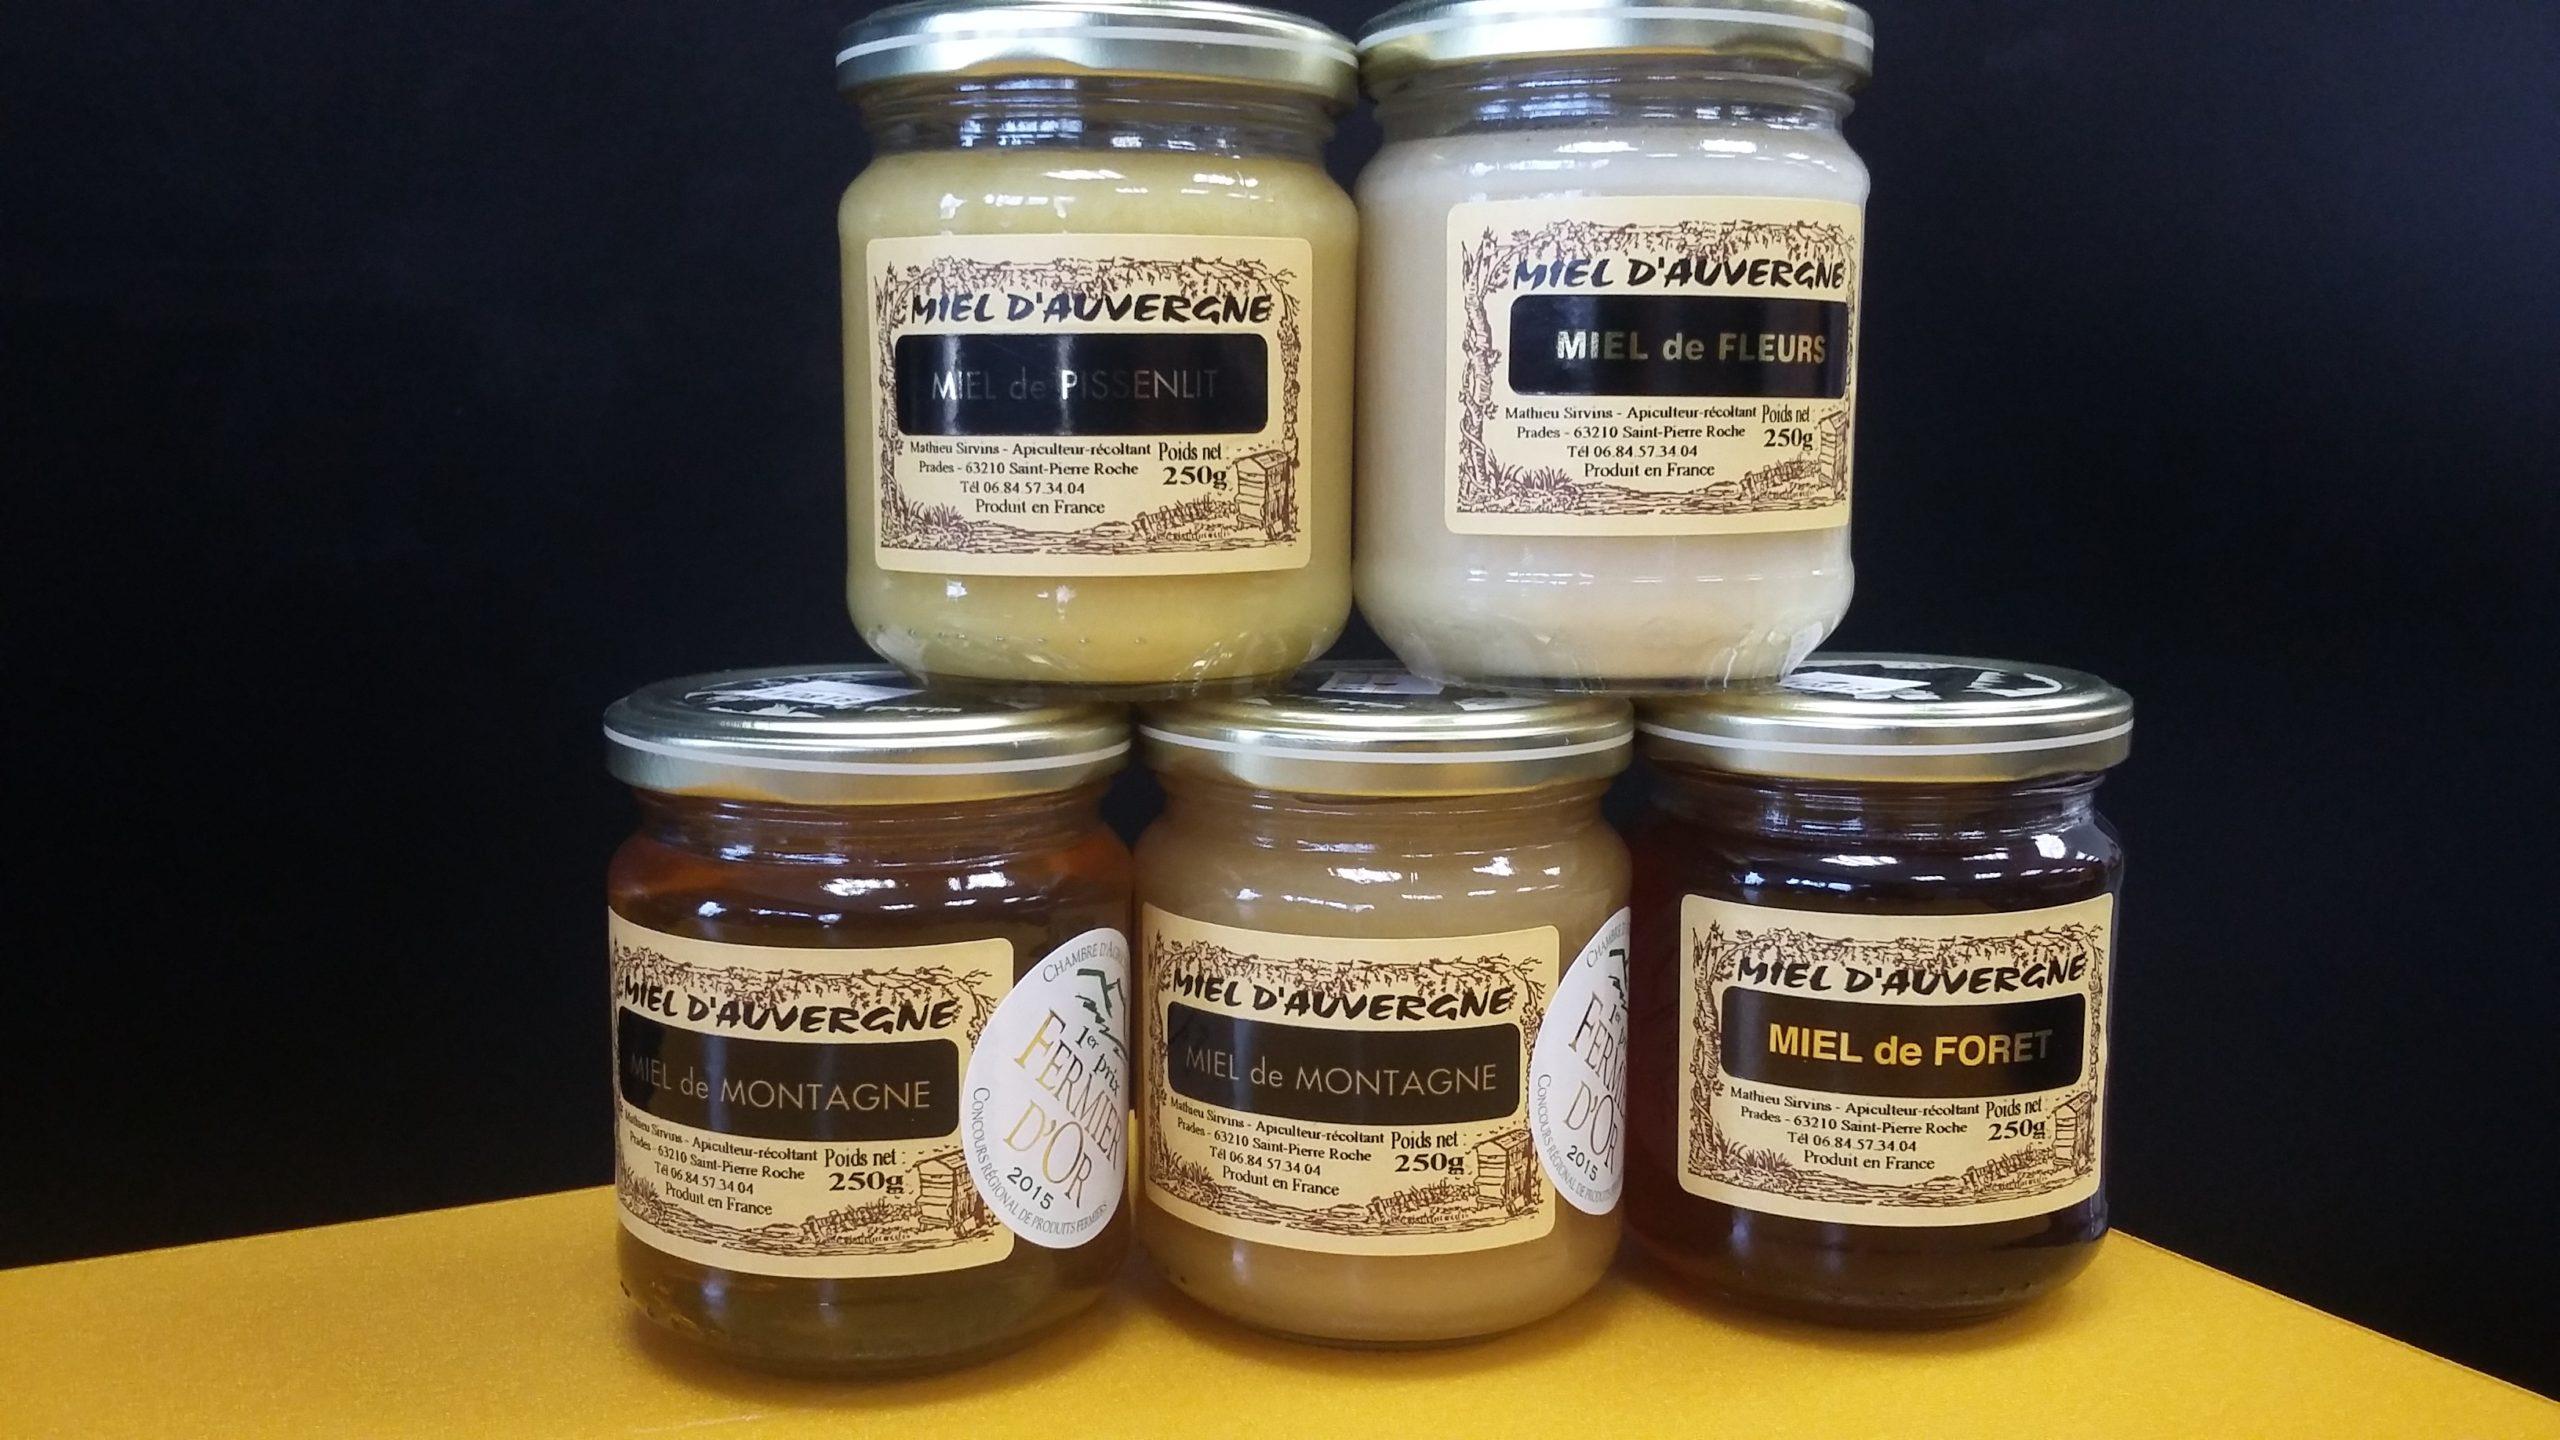 Sélection de miels d'auvergne